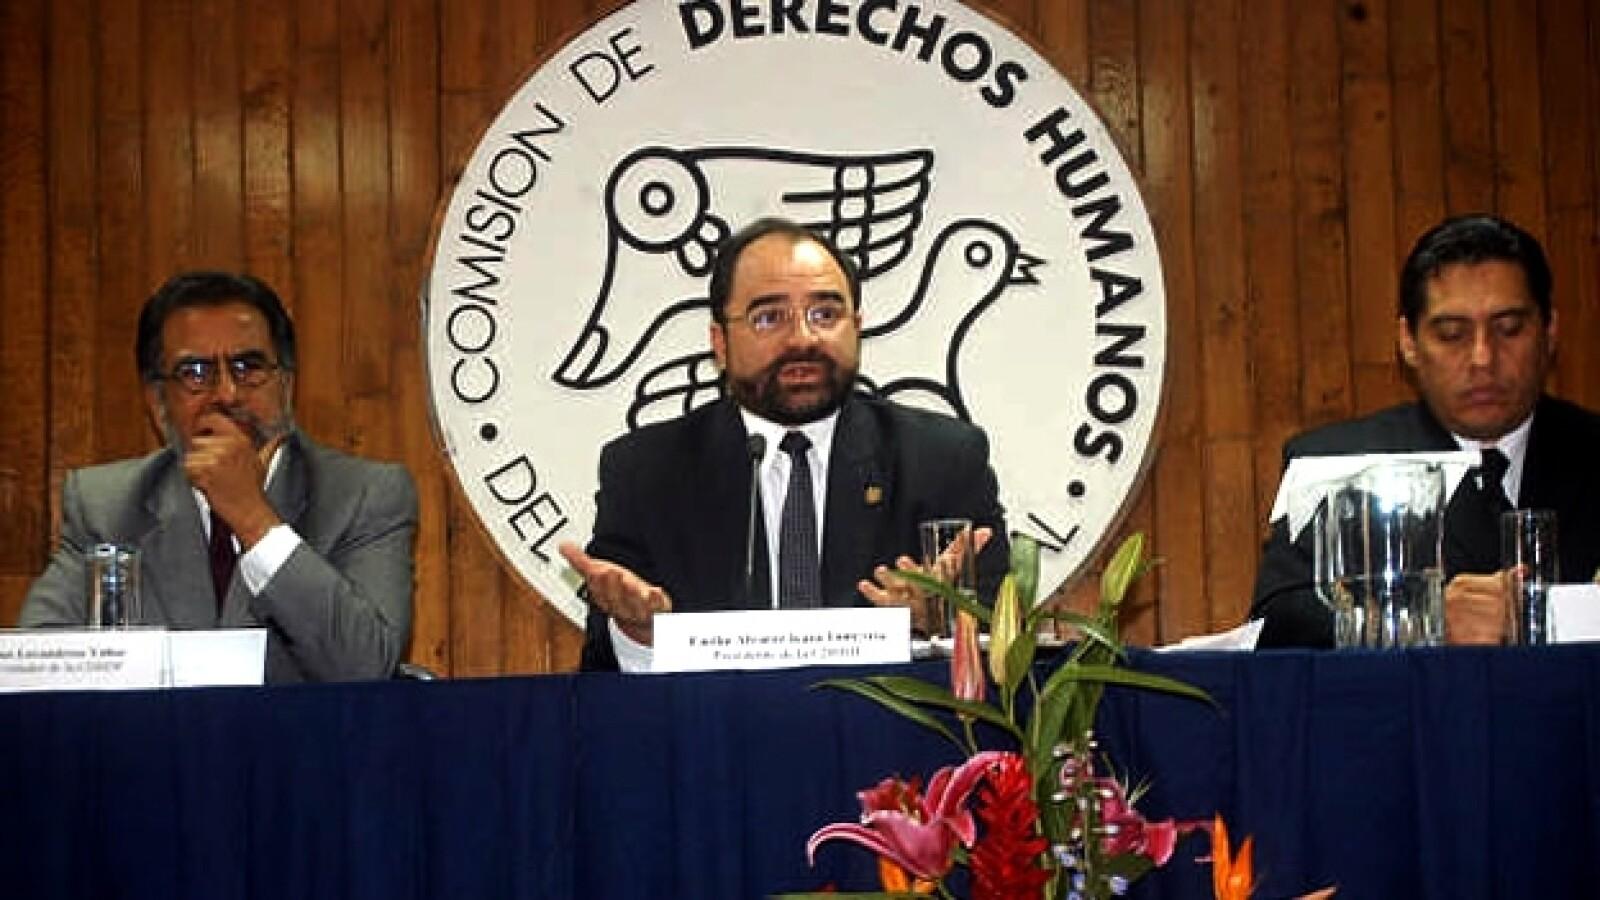 Emilio Alvarez Icaza